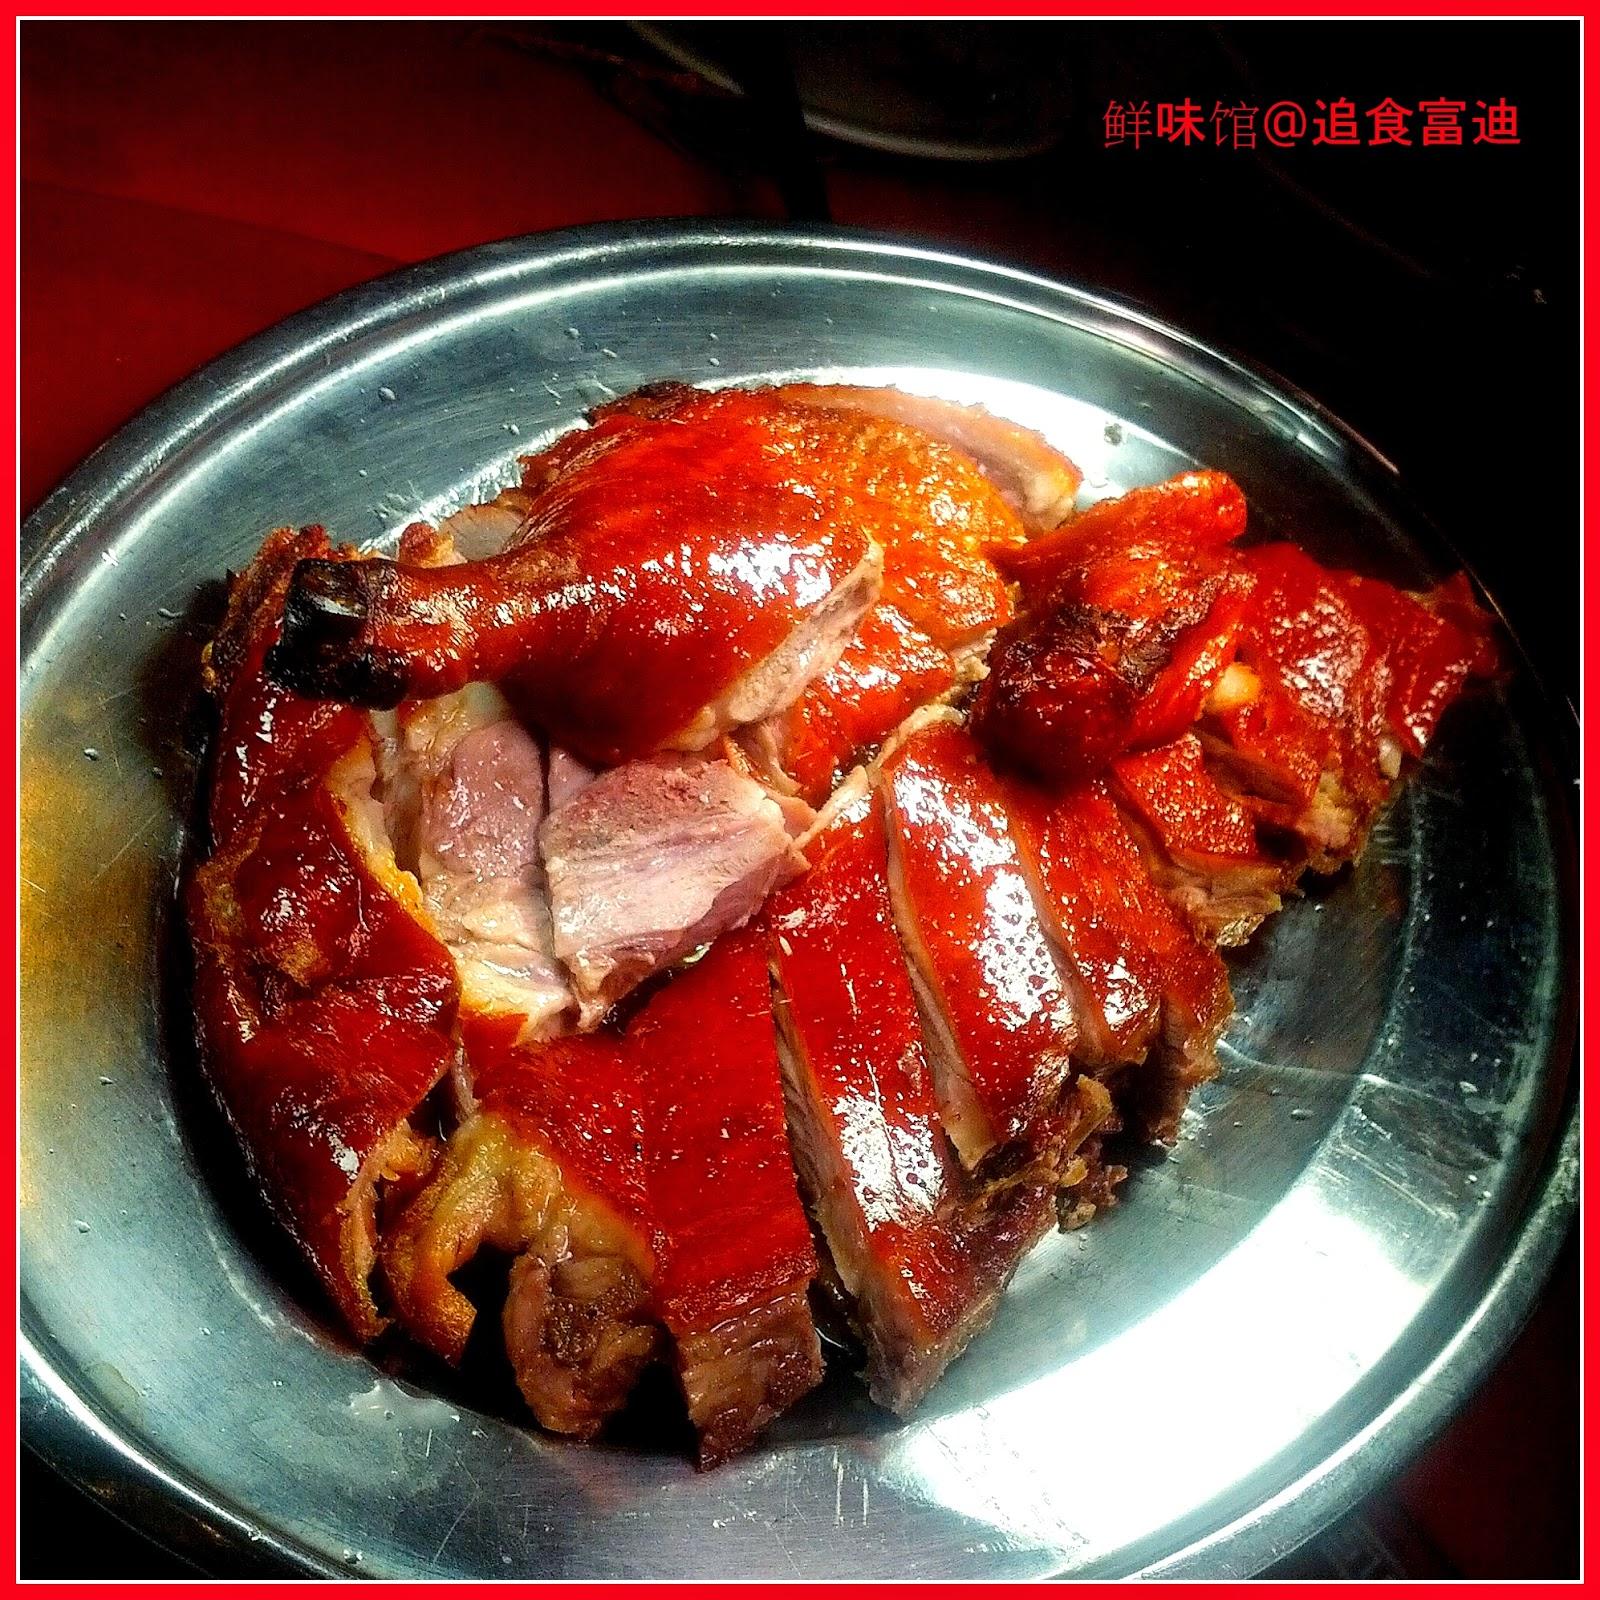 Sungai Buloh Luxury Kitchen: 追食富迪: Foodies Sunday Lunch @ Jeff Lee Kitchen, Kampung